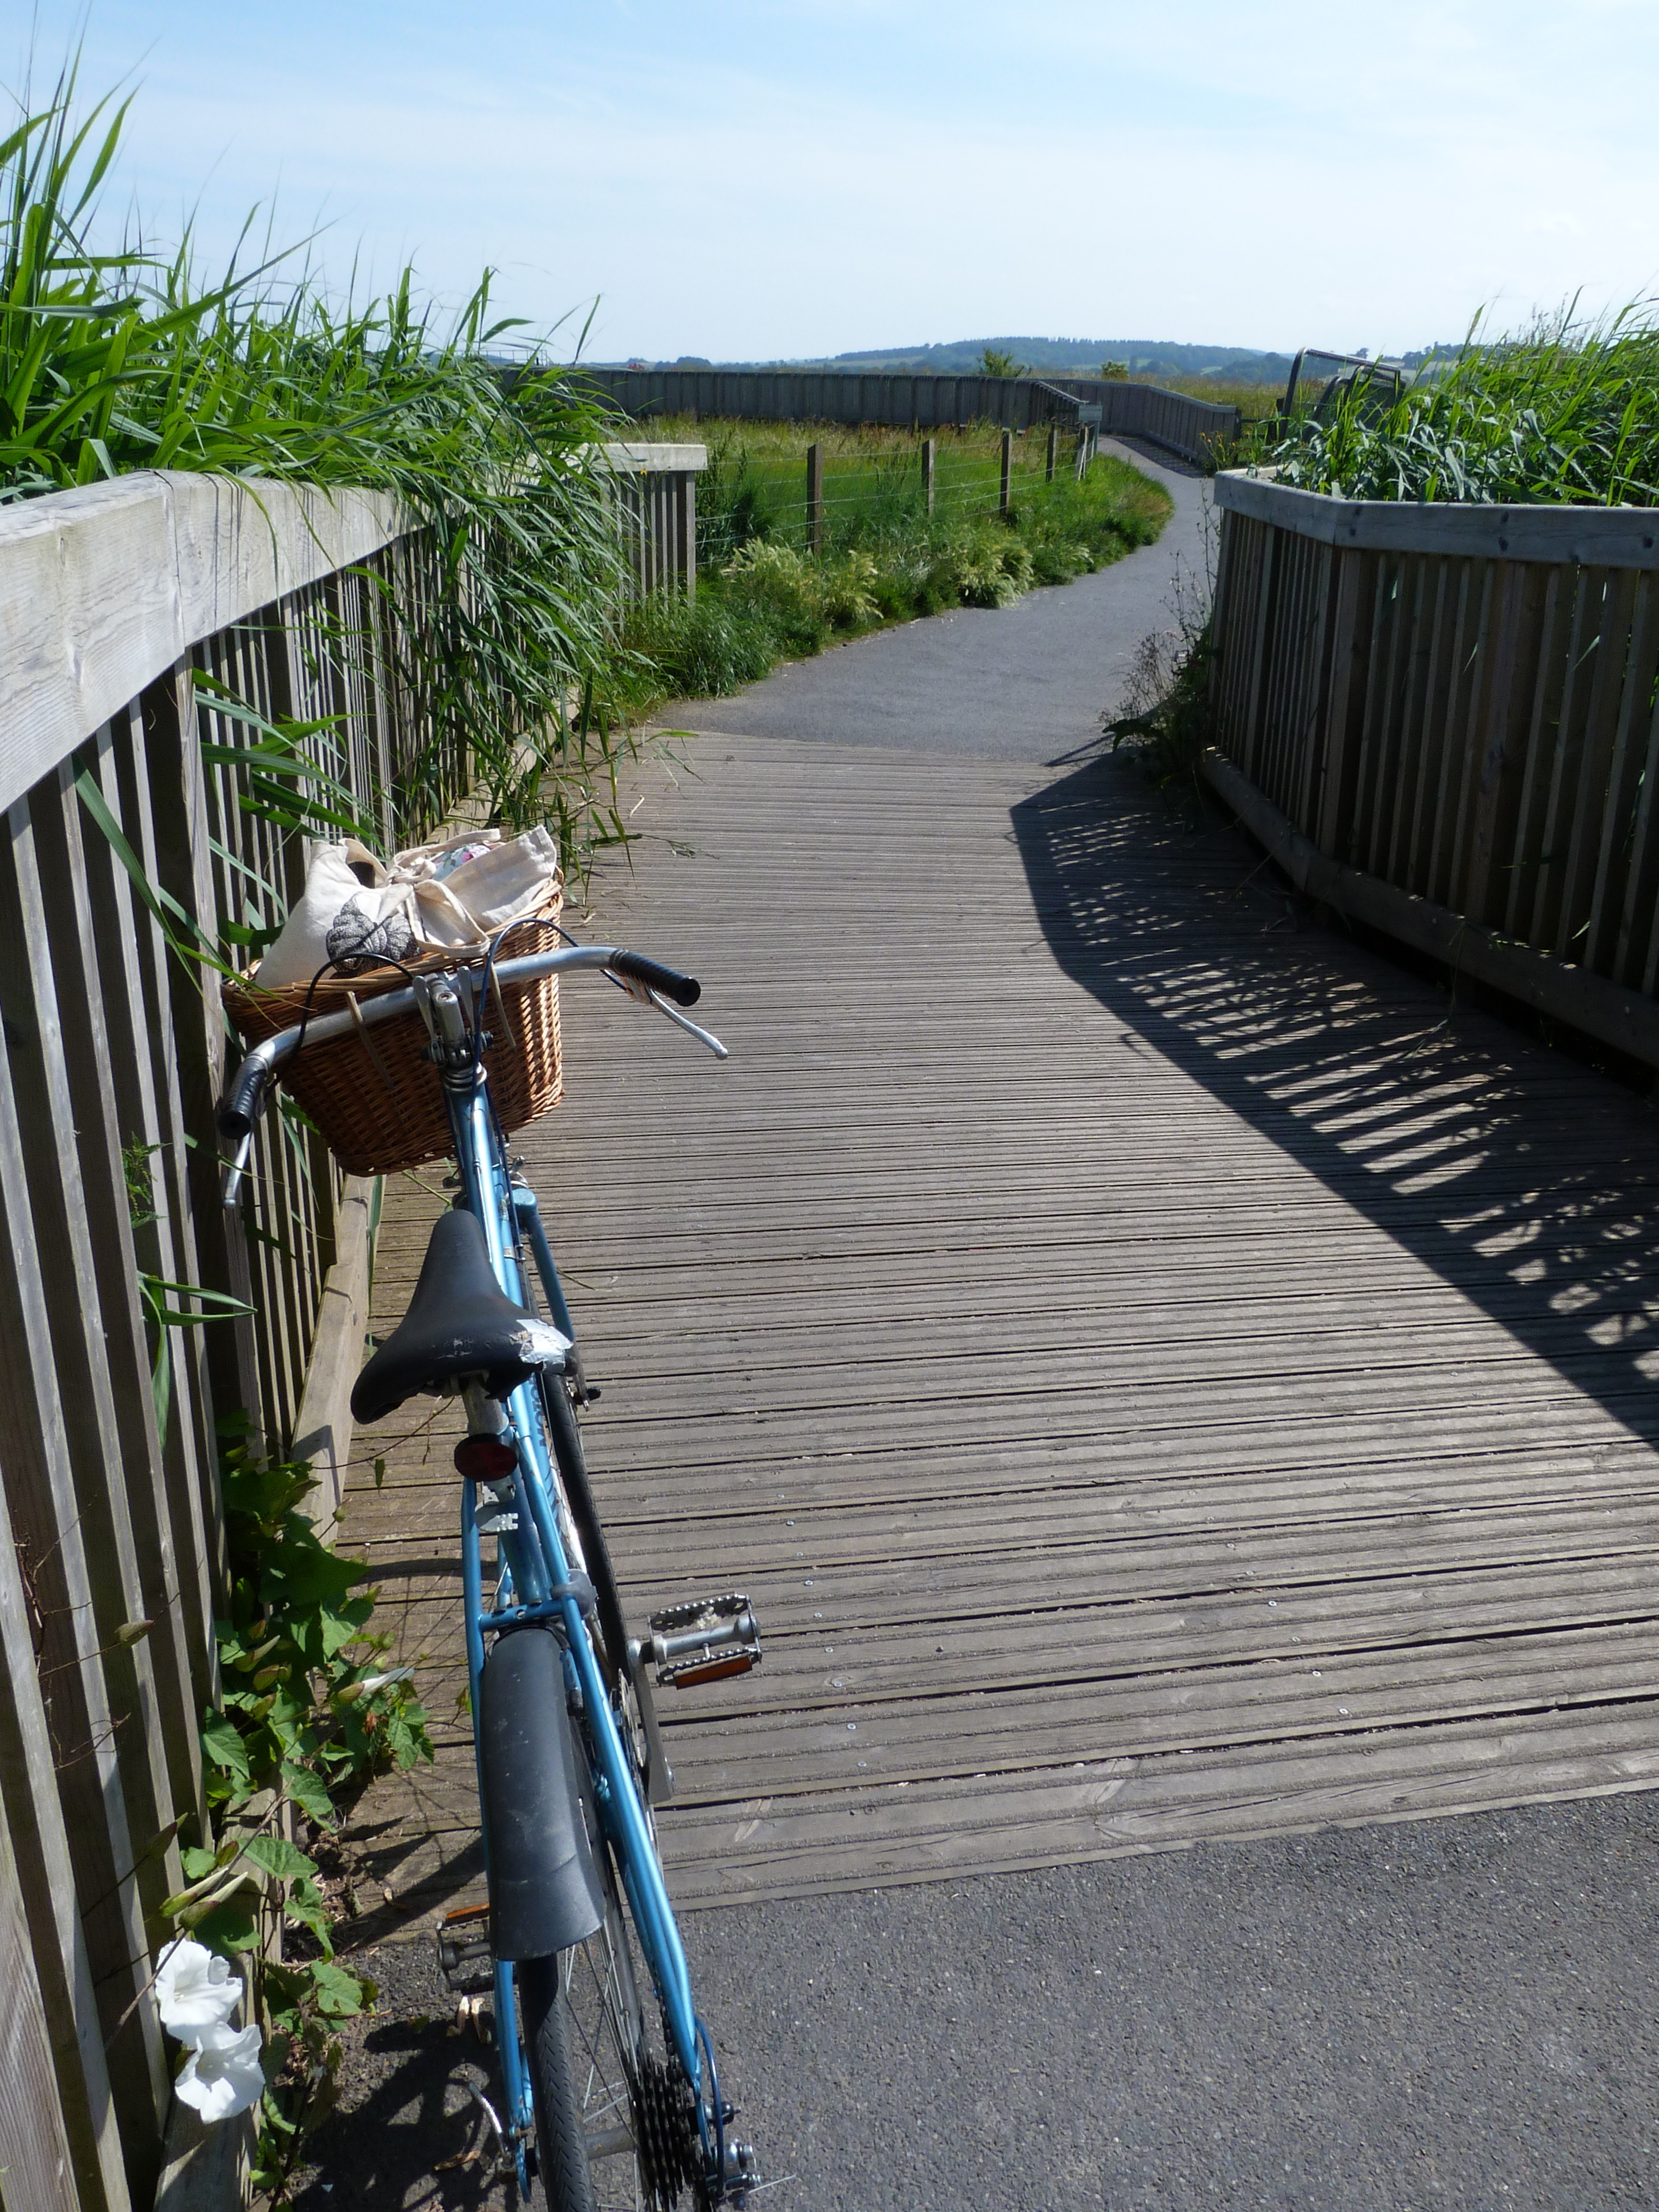 The Exe Estuary Trail Visit South Devon